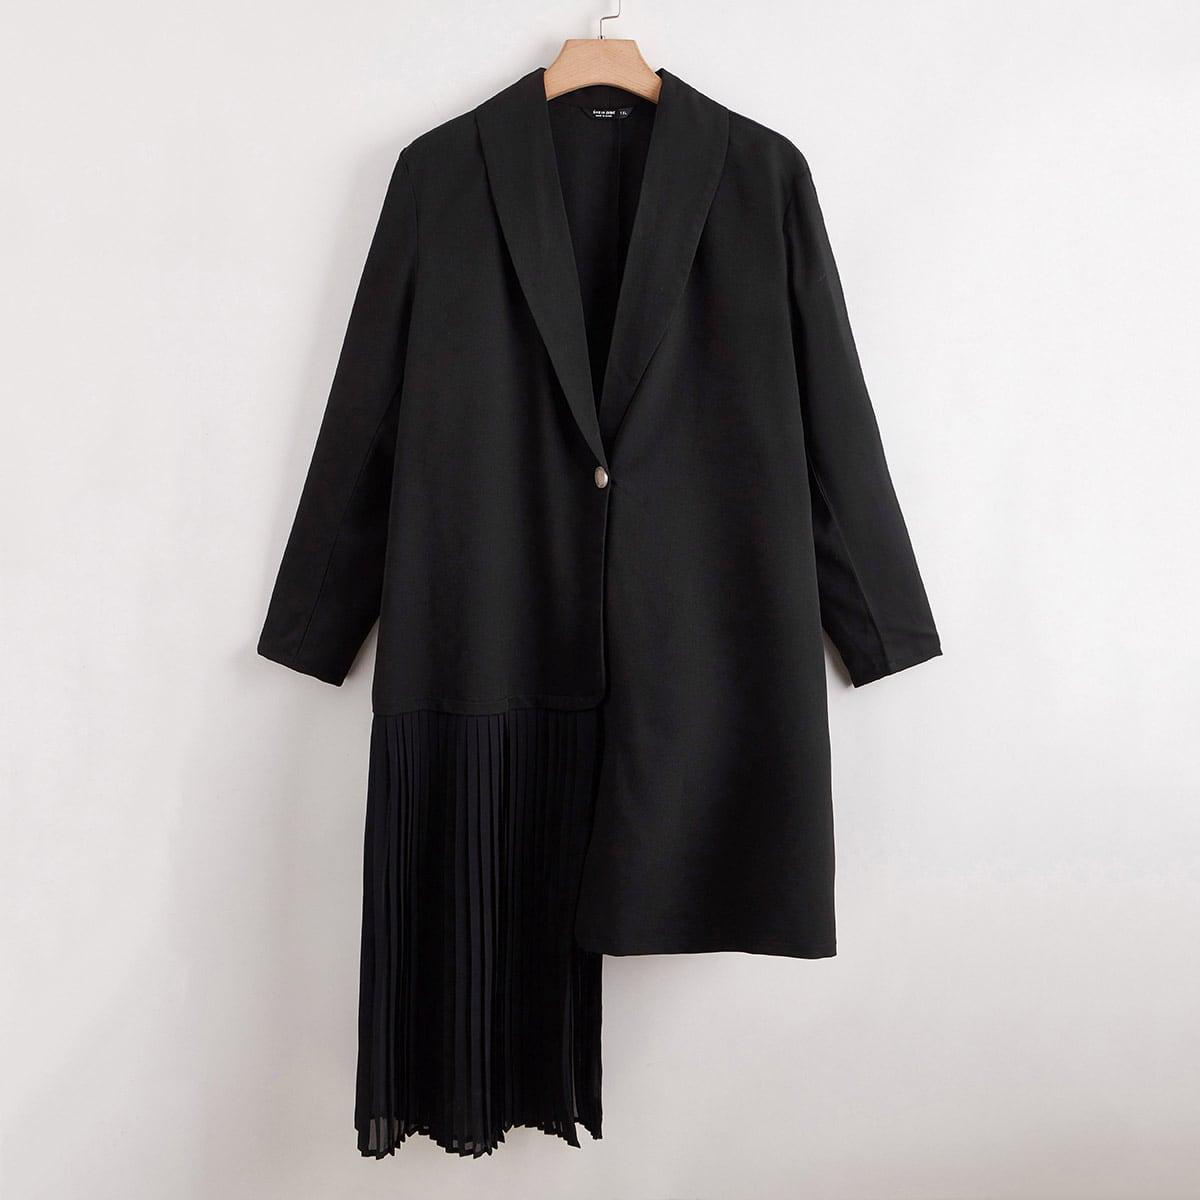 shein Casual Vlak Grote maat: blazer Asymmetrisch